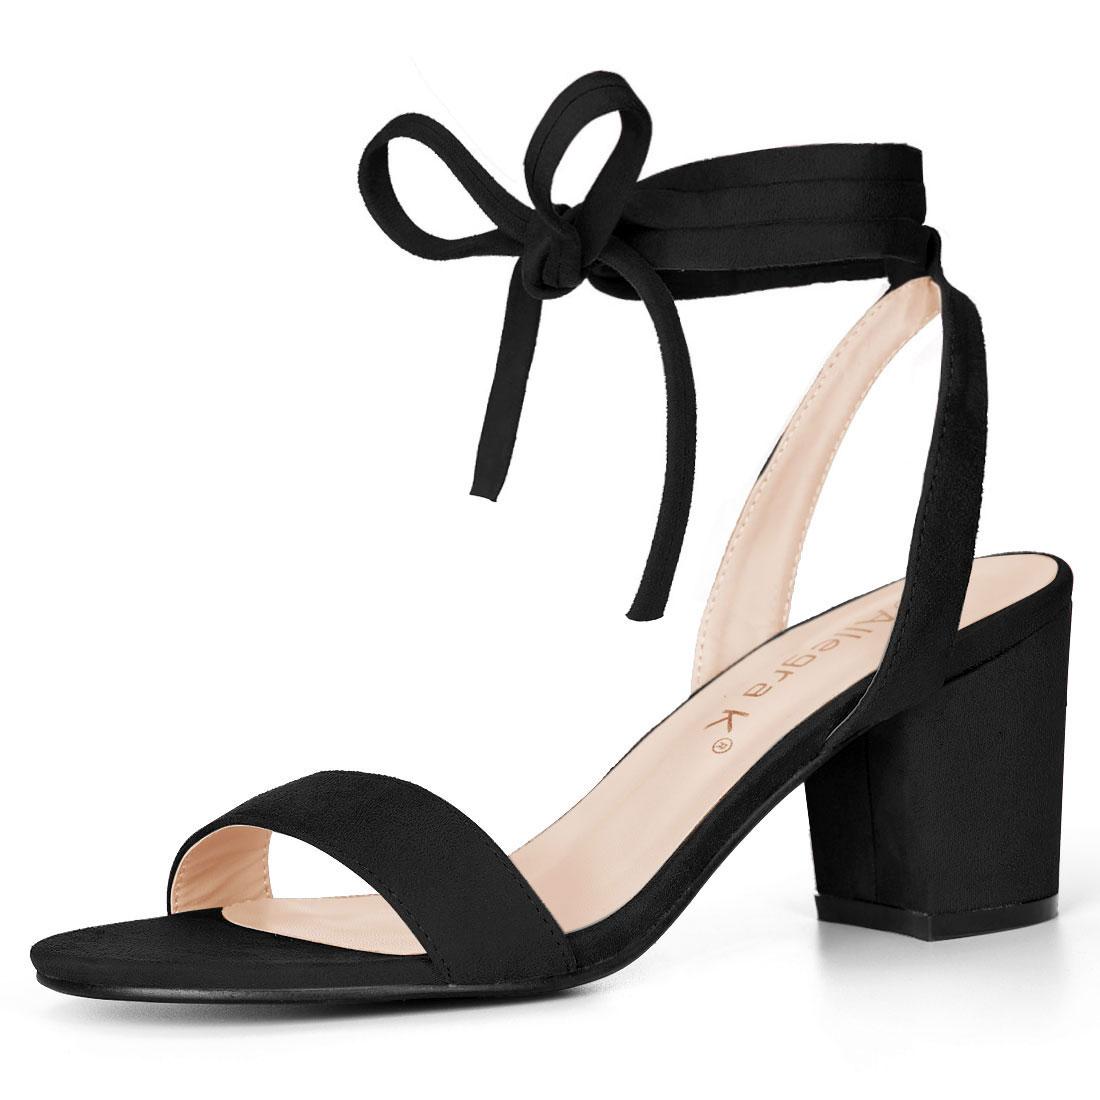 Allegra K Women's Open Toe Mid Block Heel Ankle Tie Sandals Black US 9